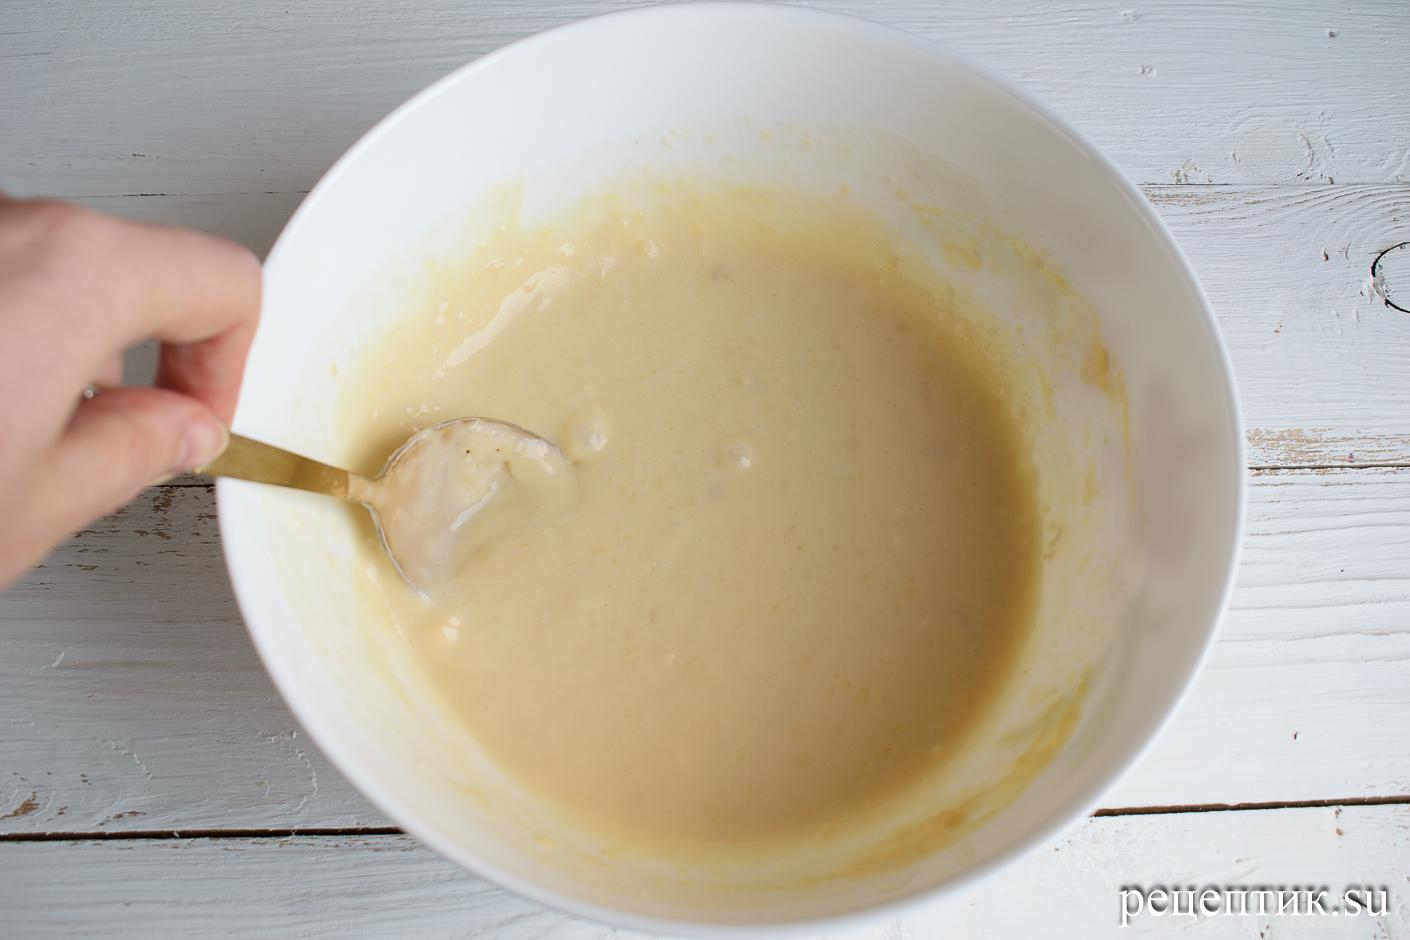 Пасхальный кулич-краффин – простой, быстрый и невероятно вкусный - рецепт с фото, шаг 7